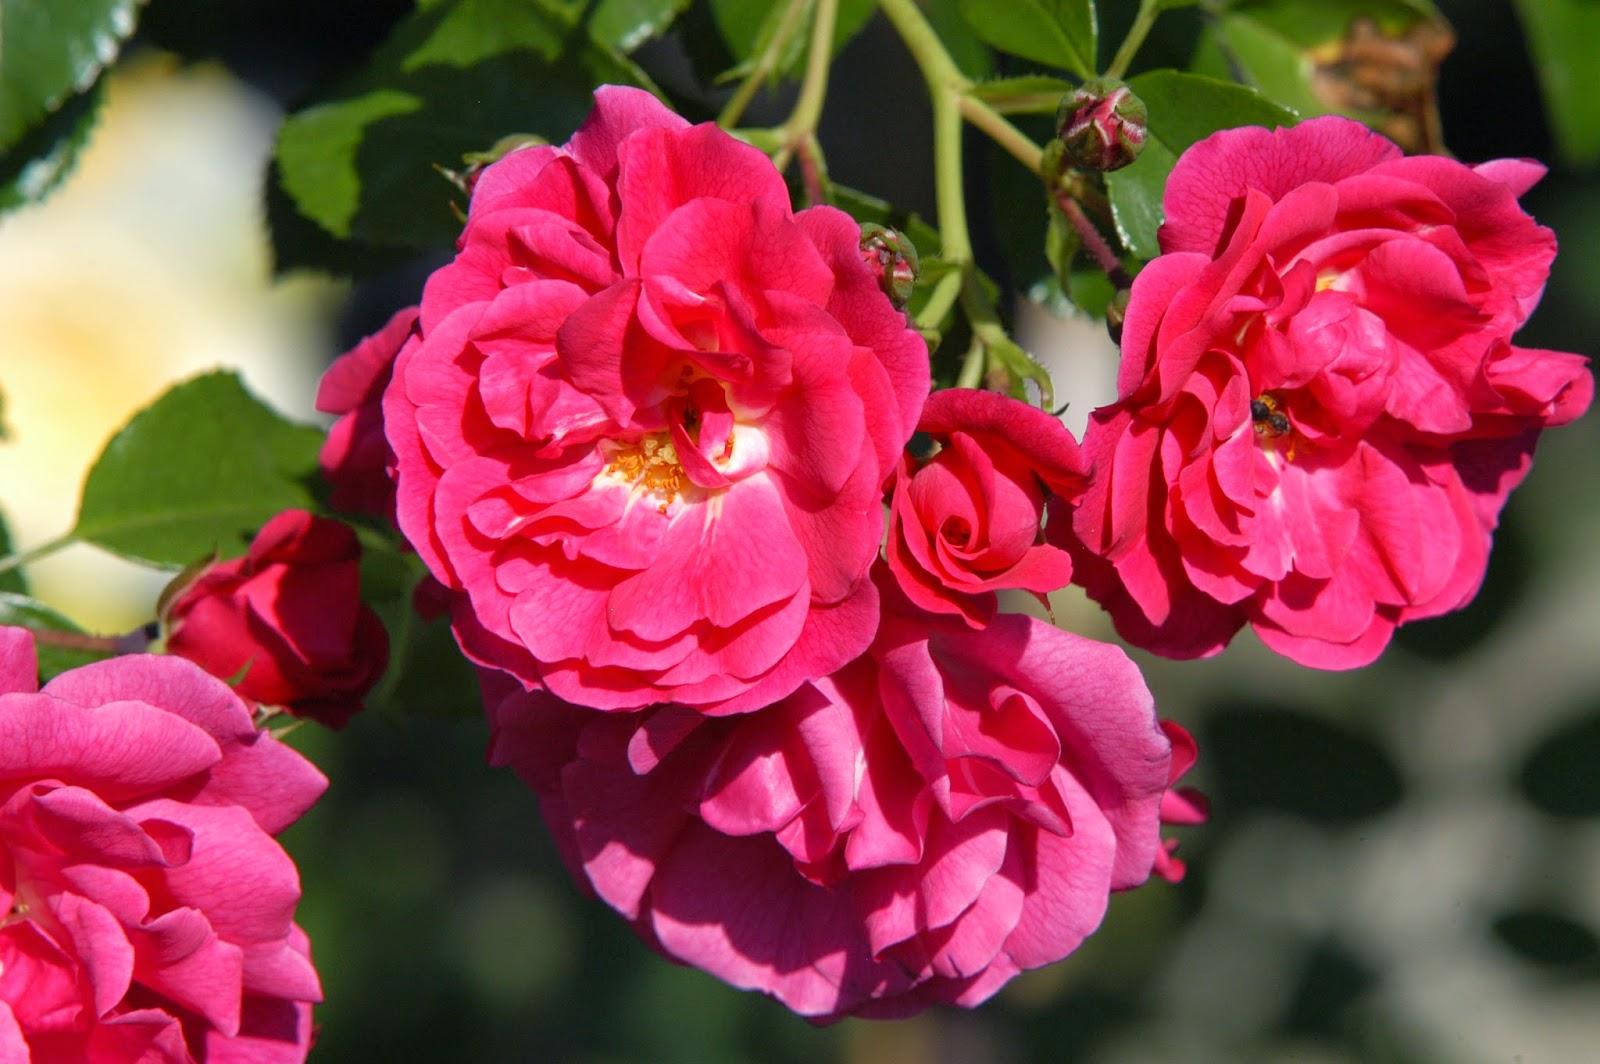 La passion des rosiers la p pini re fil roses les 5 meilleurs rosiers grimpants s lection - Feuilles de rosier qui jaunissent ...